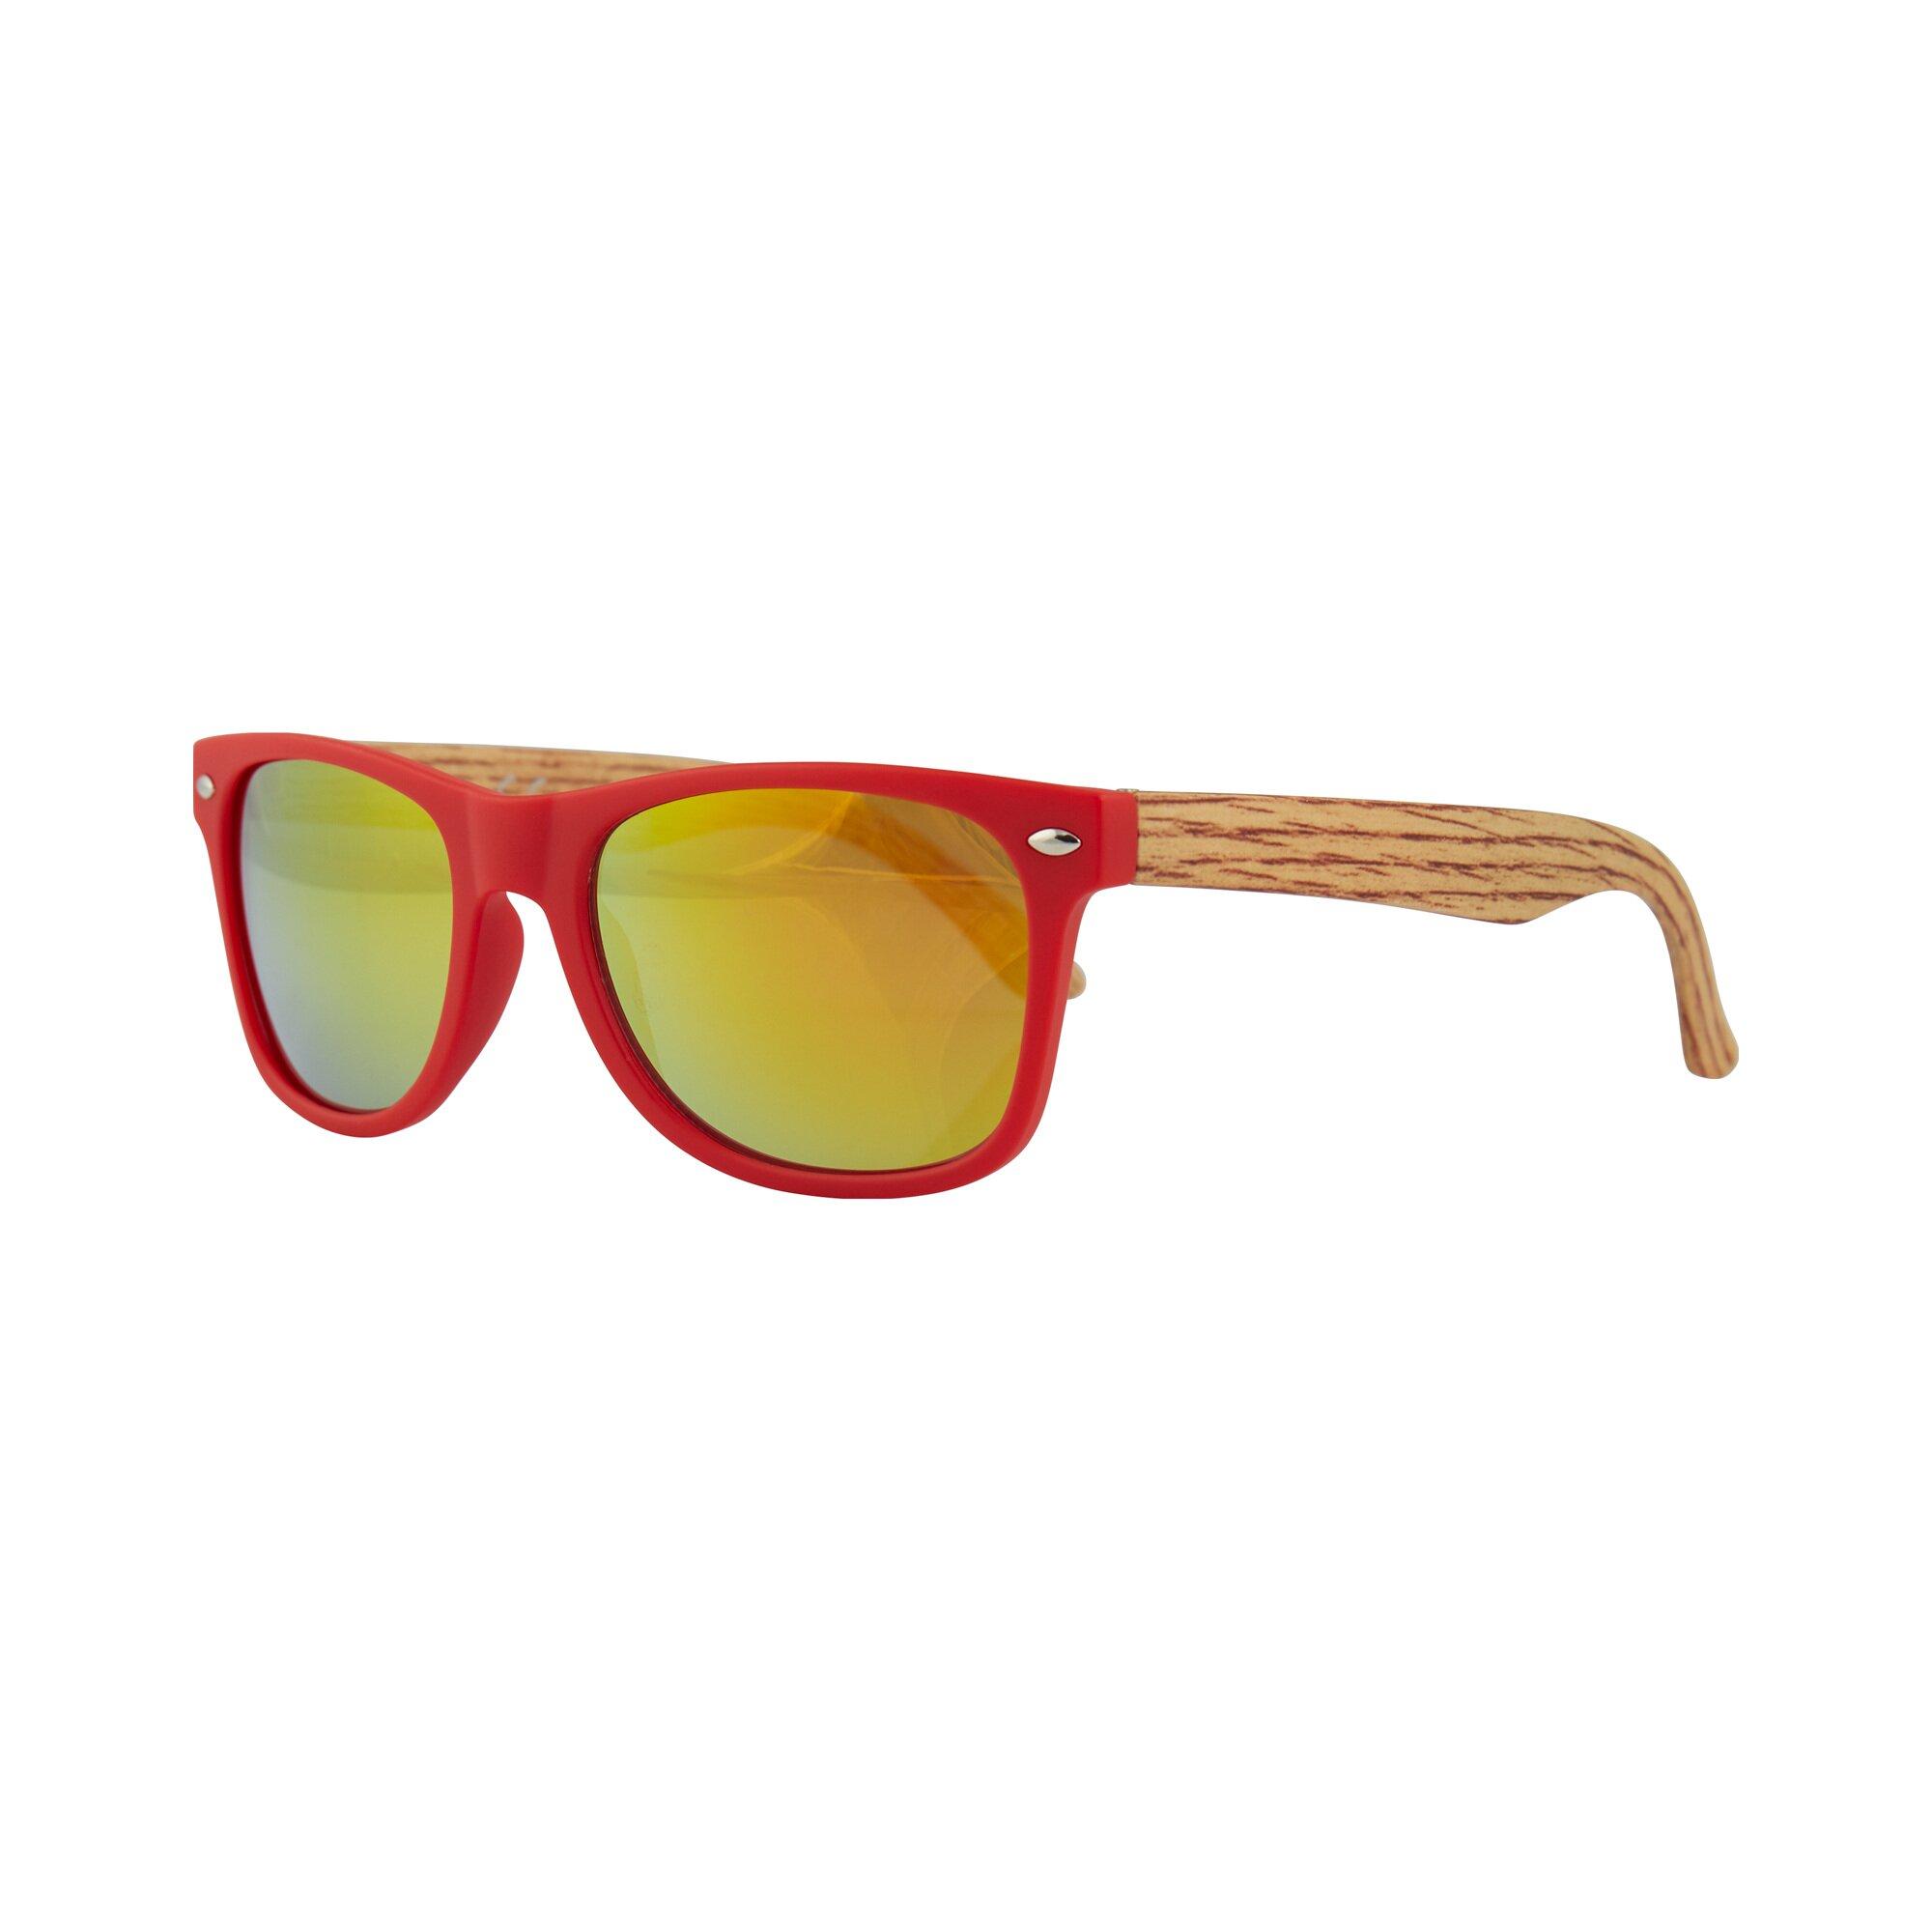 Inca Accessoires Kids-Sonnenbrille Holzoptik-Bügel